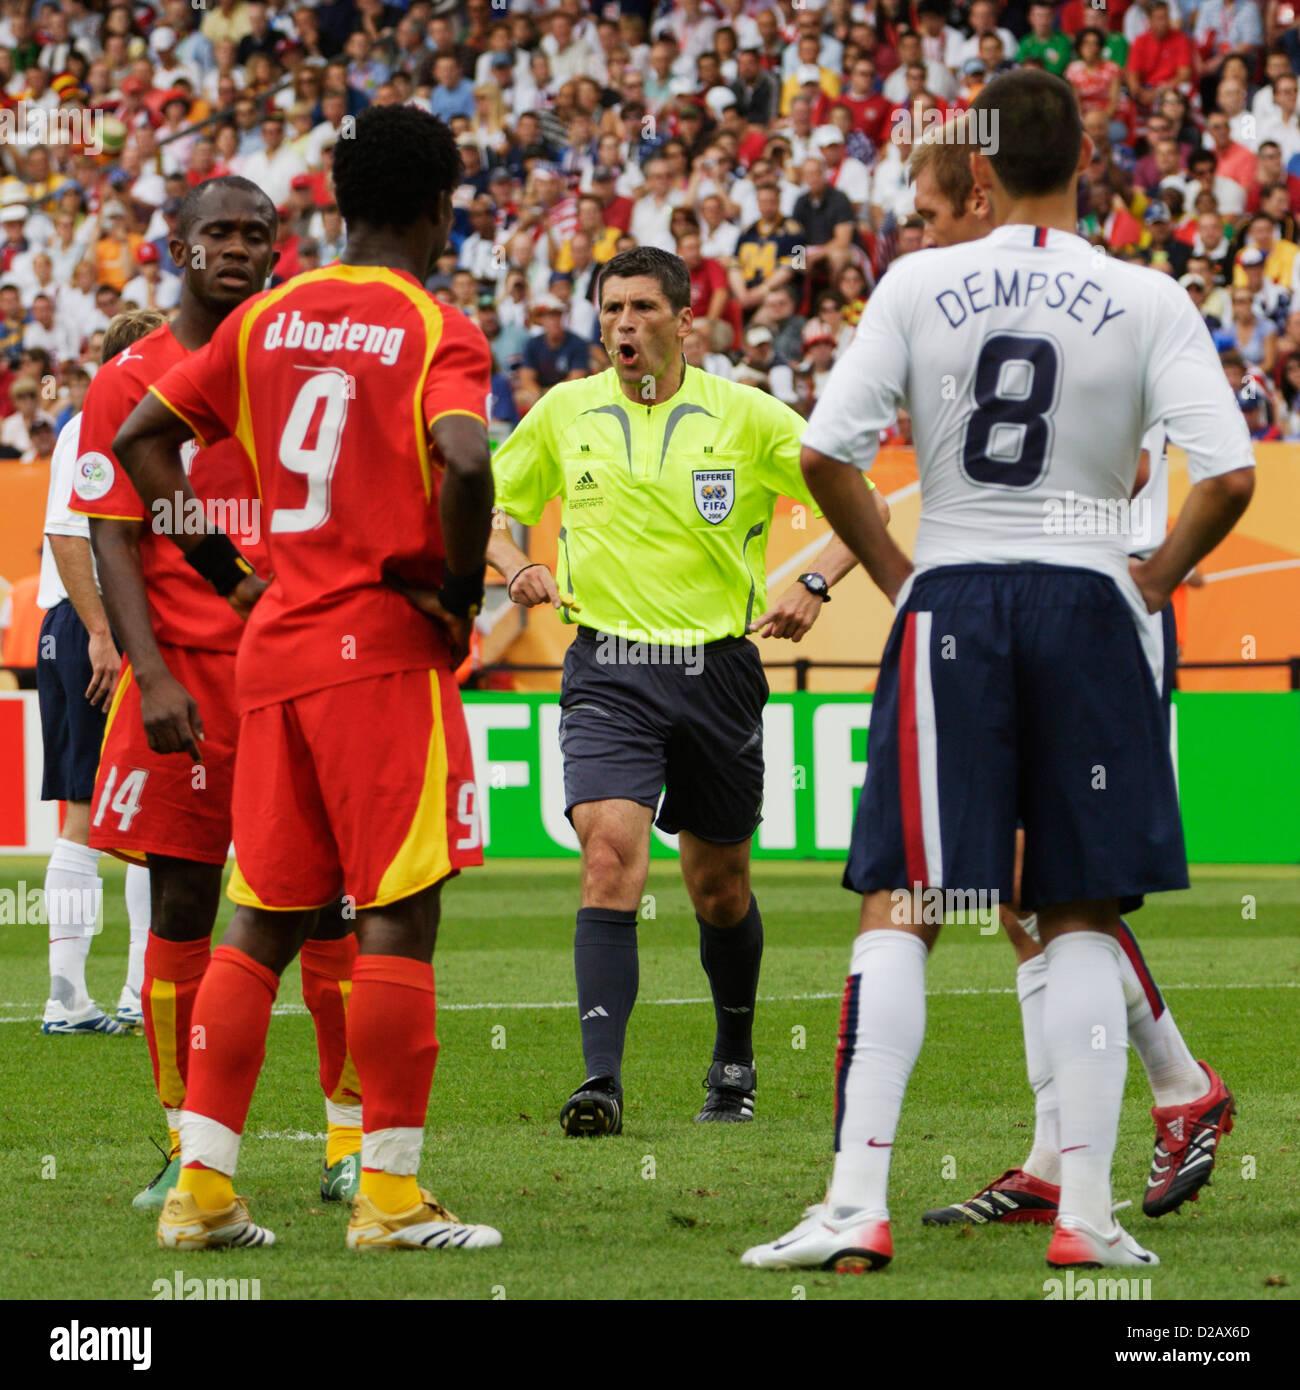 Schiedsrichter Markus Merk (GER) warnt Spieler während der FIFA World Cup Gruppe E match zwischen Ghana und den Vereinigten Staaten. Stockfoto